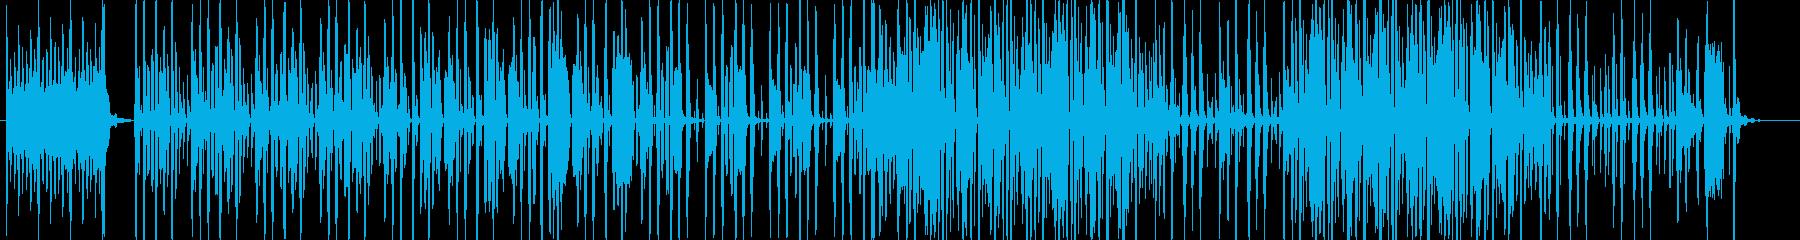 コメディアン(芸人)の登場の再生済みの波形